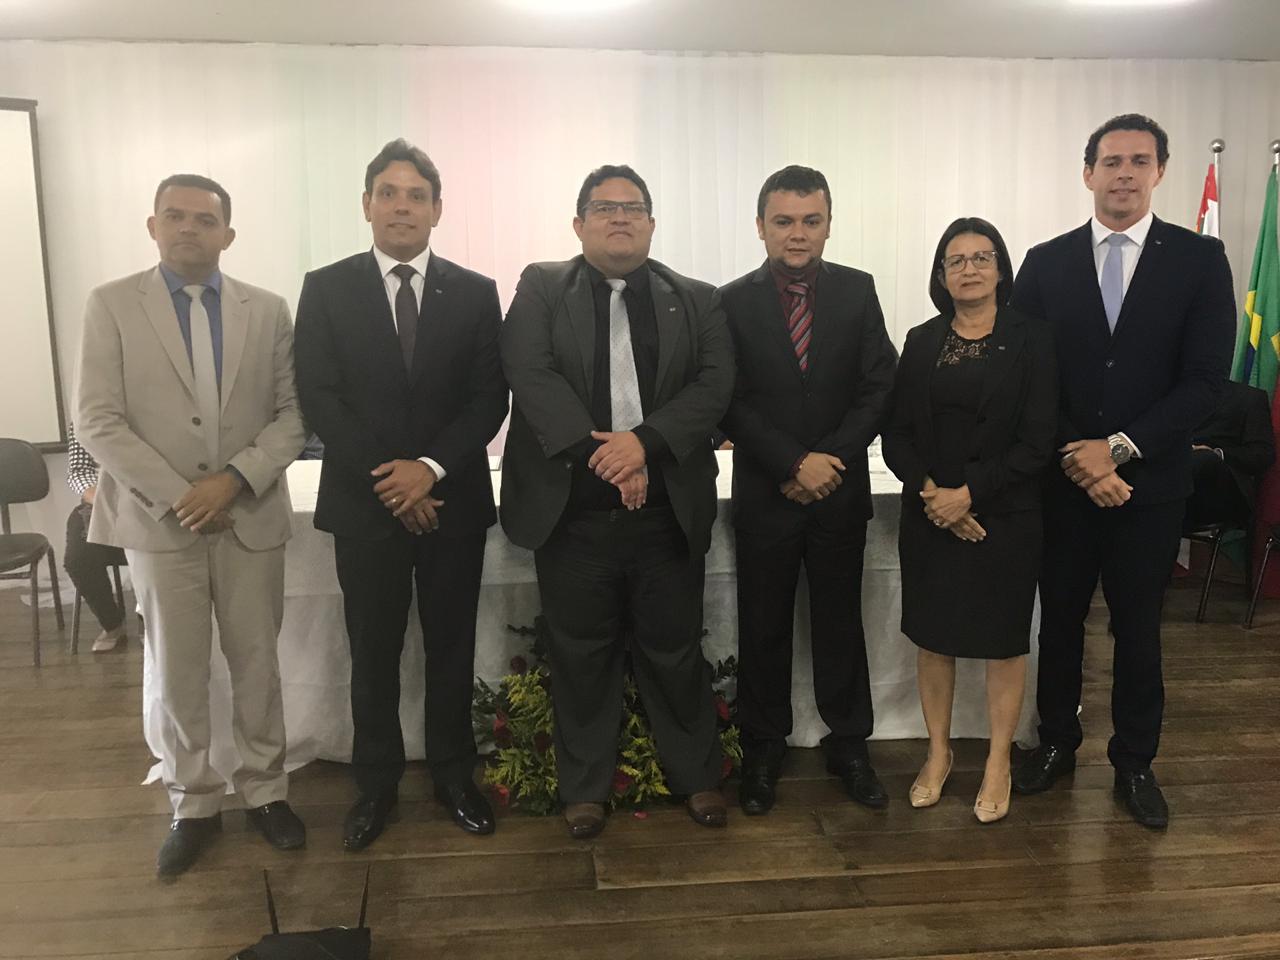 OAB empossa nova diretoria da Subseção de Catolé do Rocha para o triênio 2019/2021